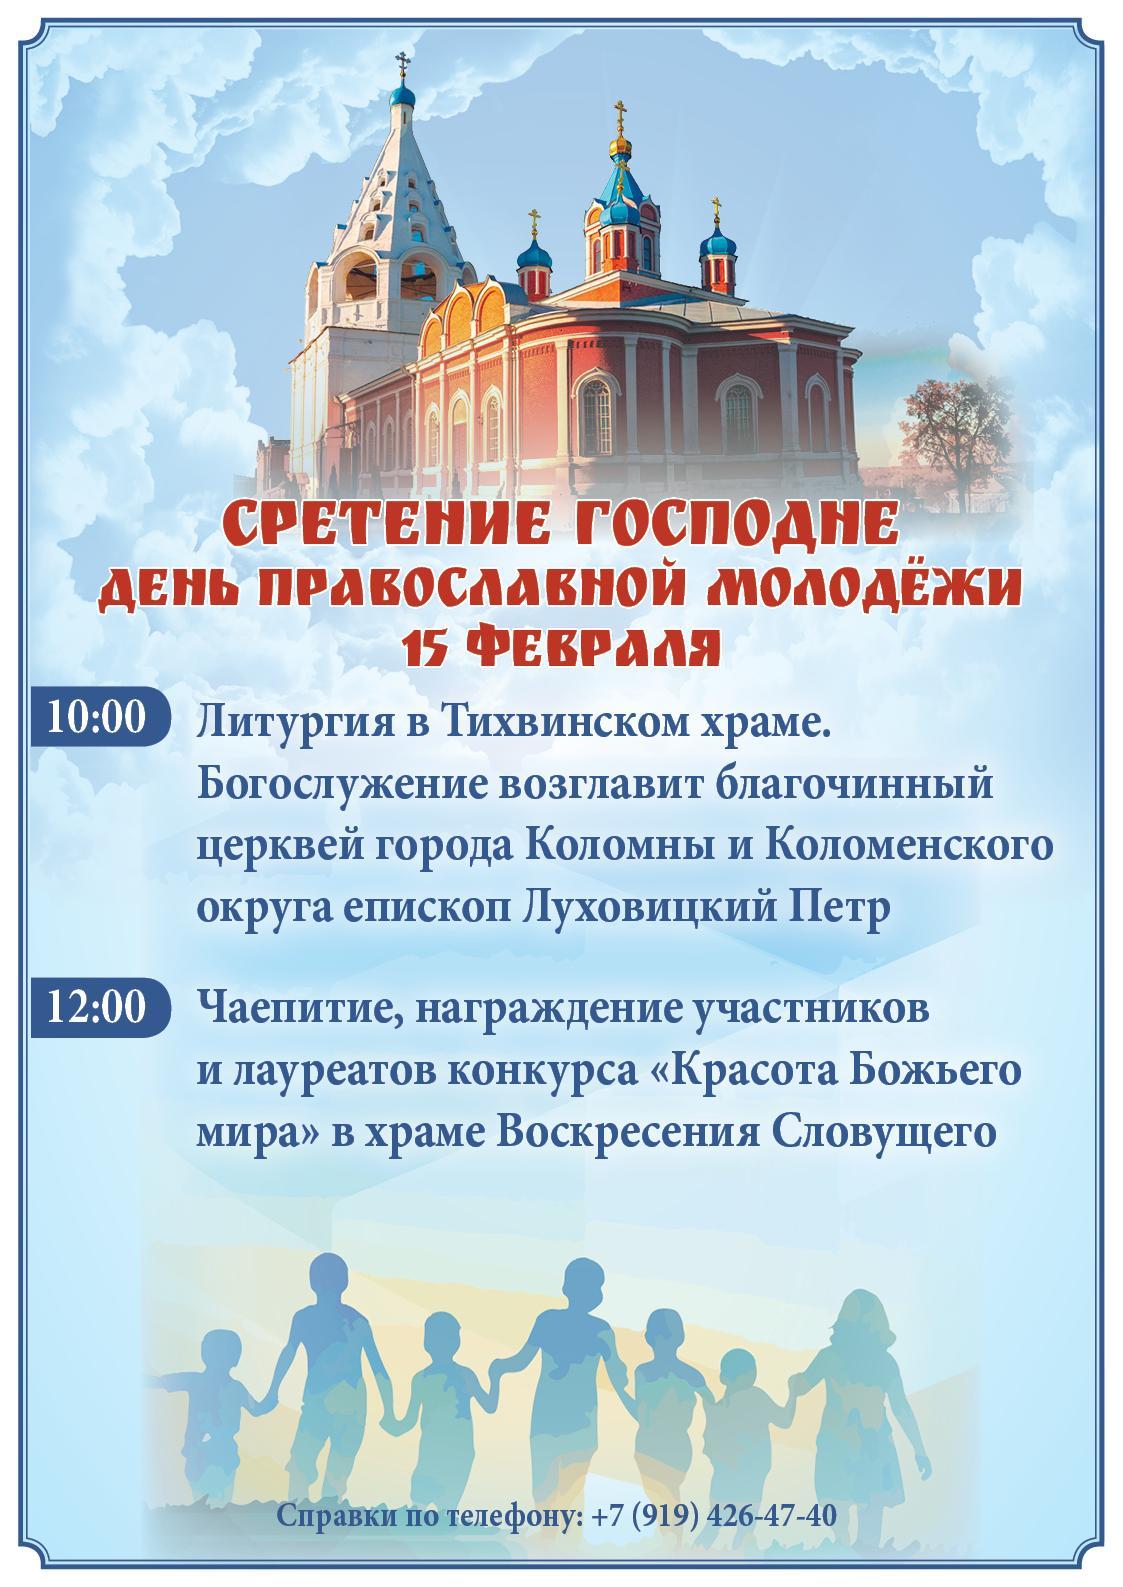 Как пройдет День православной молодежи в Коломне